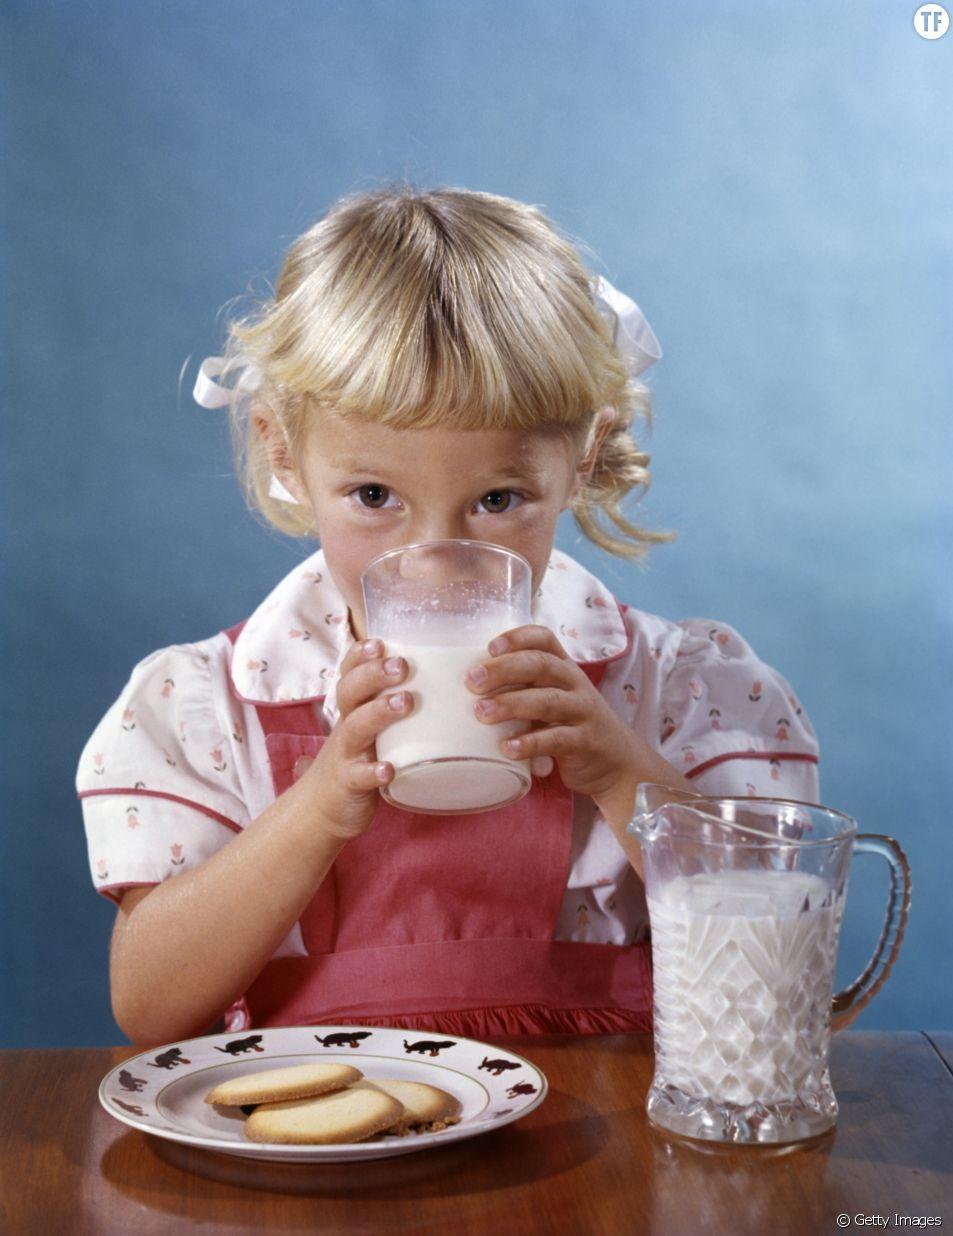 Une appli de régime destinée aux enfants, est-ce bien raisonnable ?